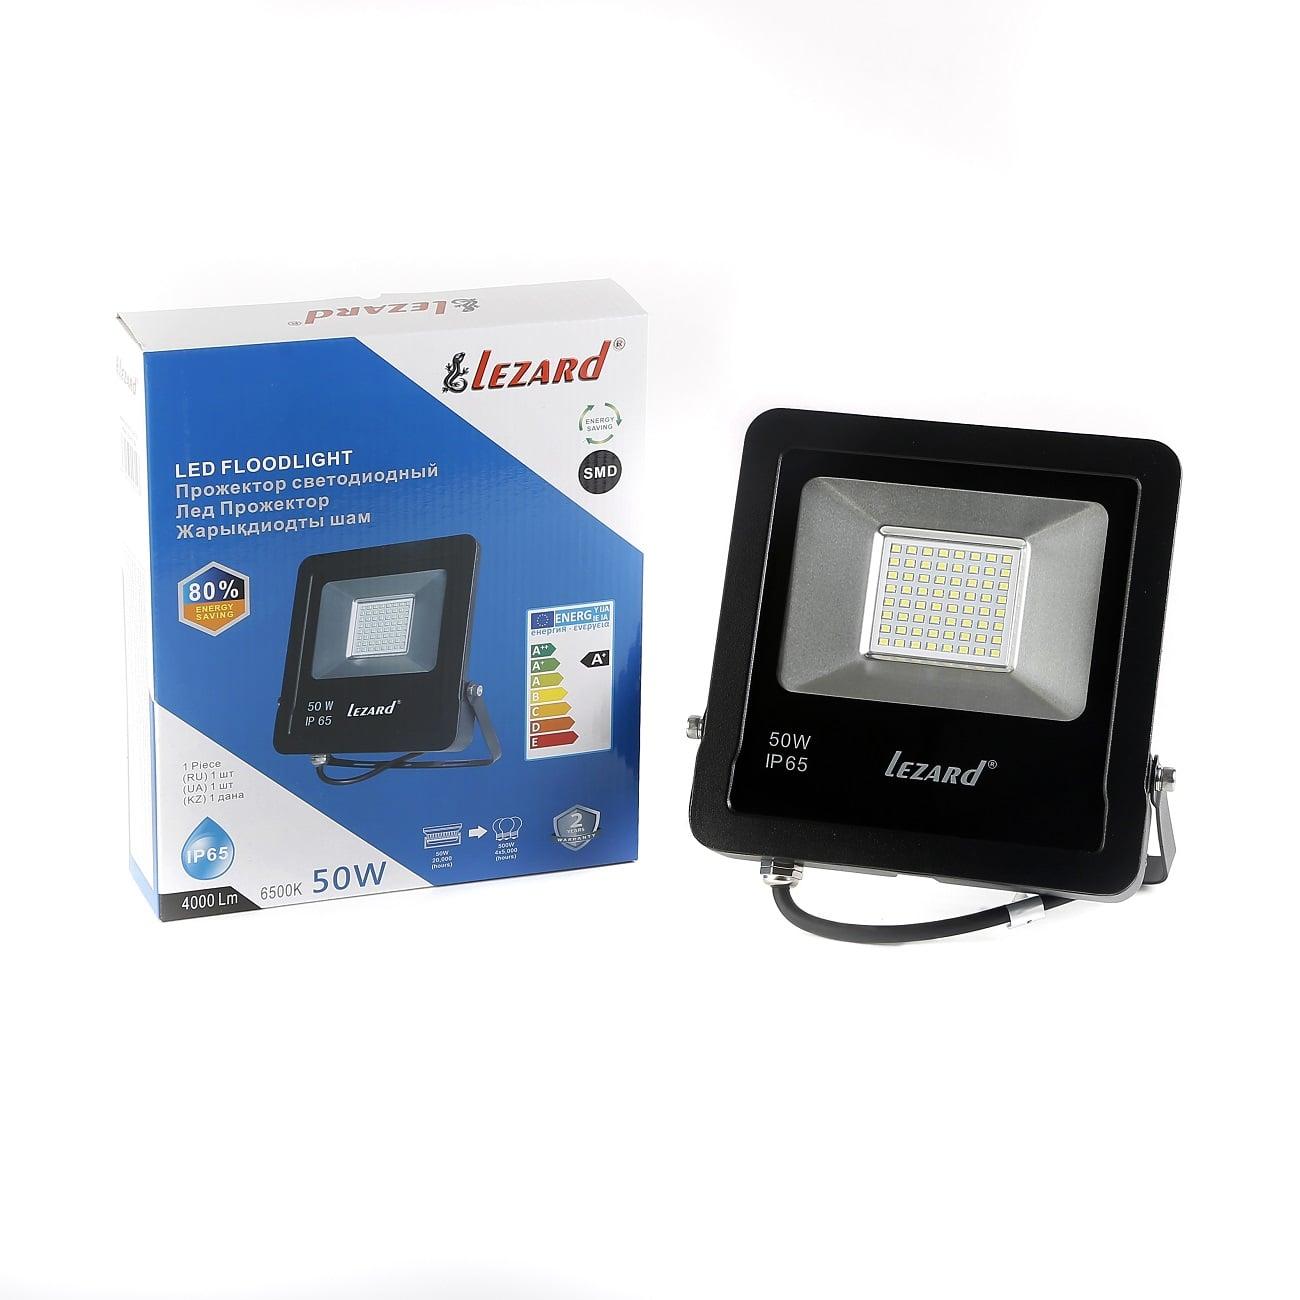 Светодиодное освещение - Прожектор светодиодный 50Вт Lezard 000001137 - Фото 1